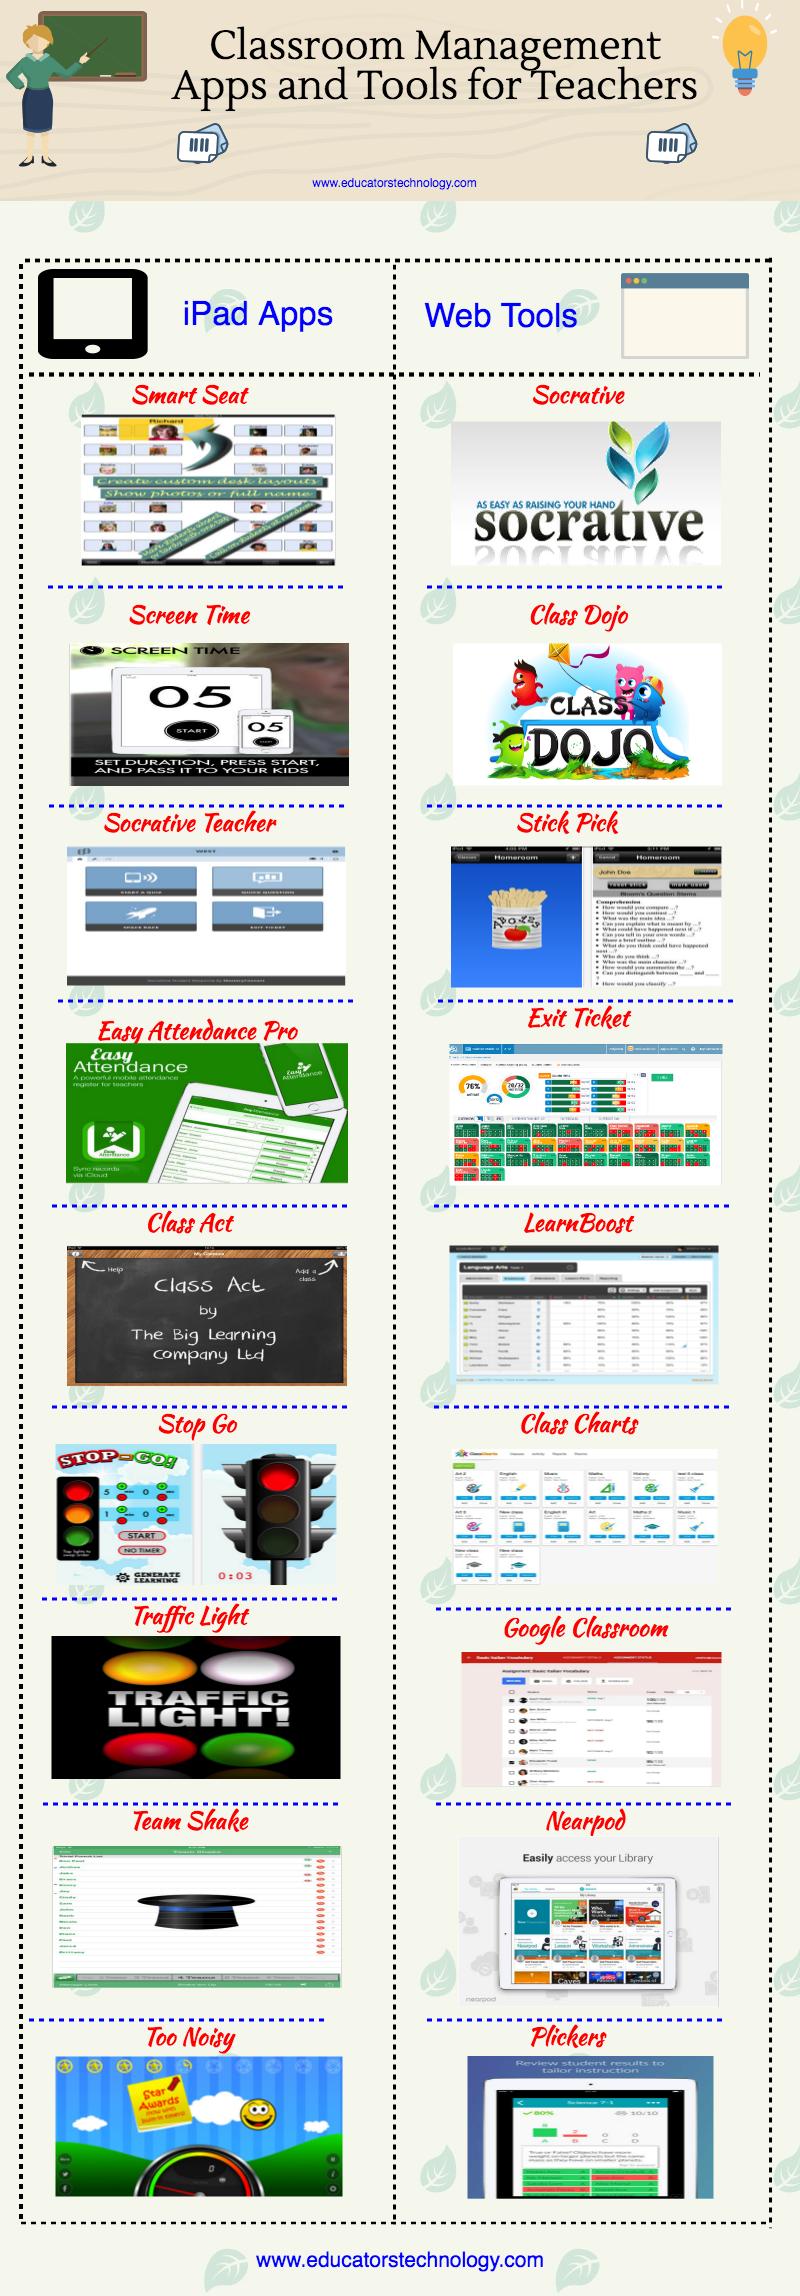 Aplicaciones y herramientas básicas en nuestras aulas